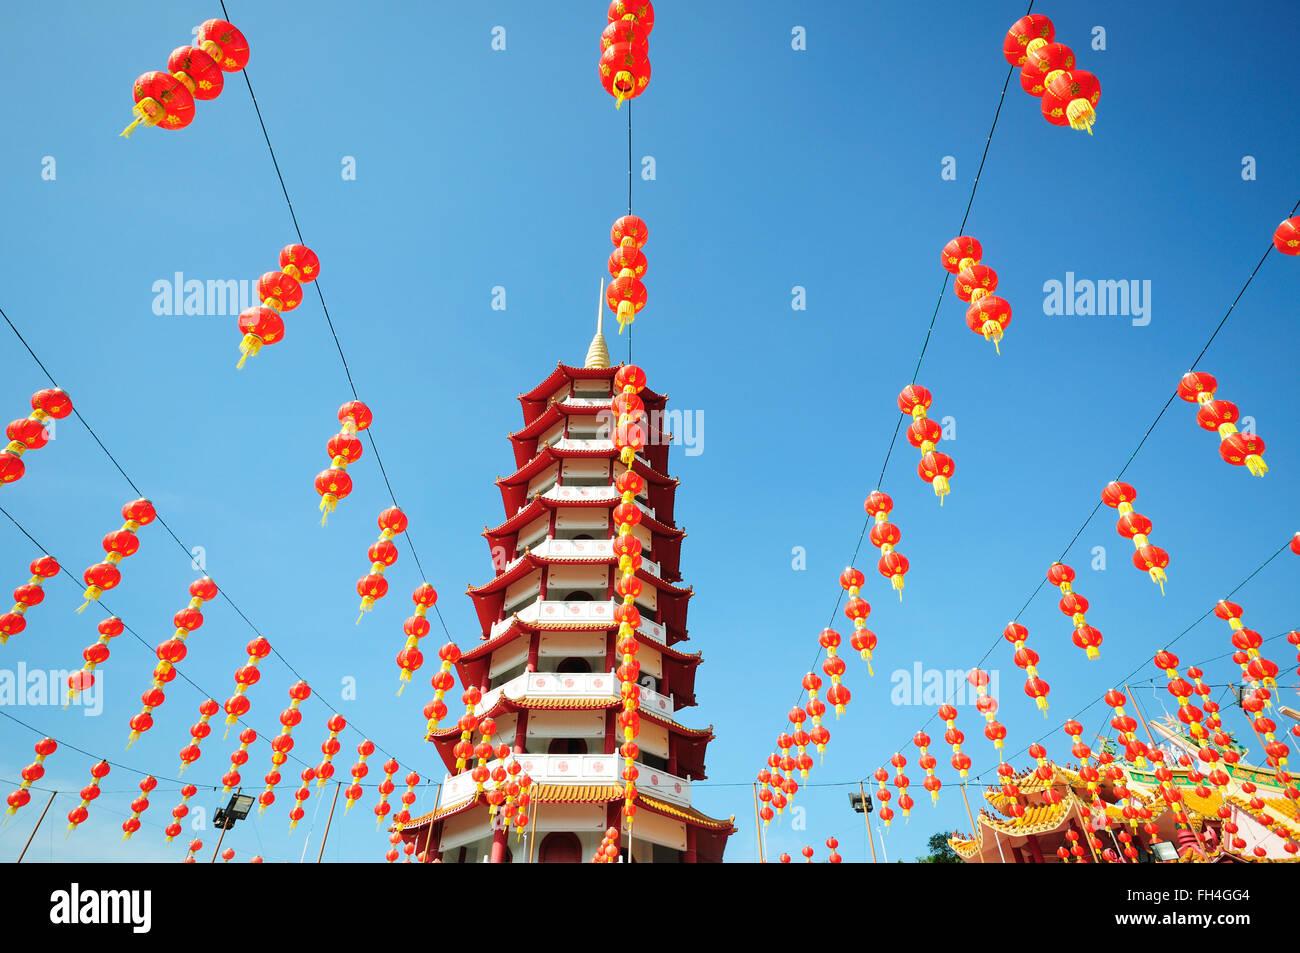 Pagoda china y linternas durante el año nuevo chino Imagen De Stock